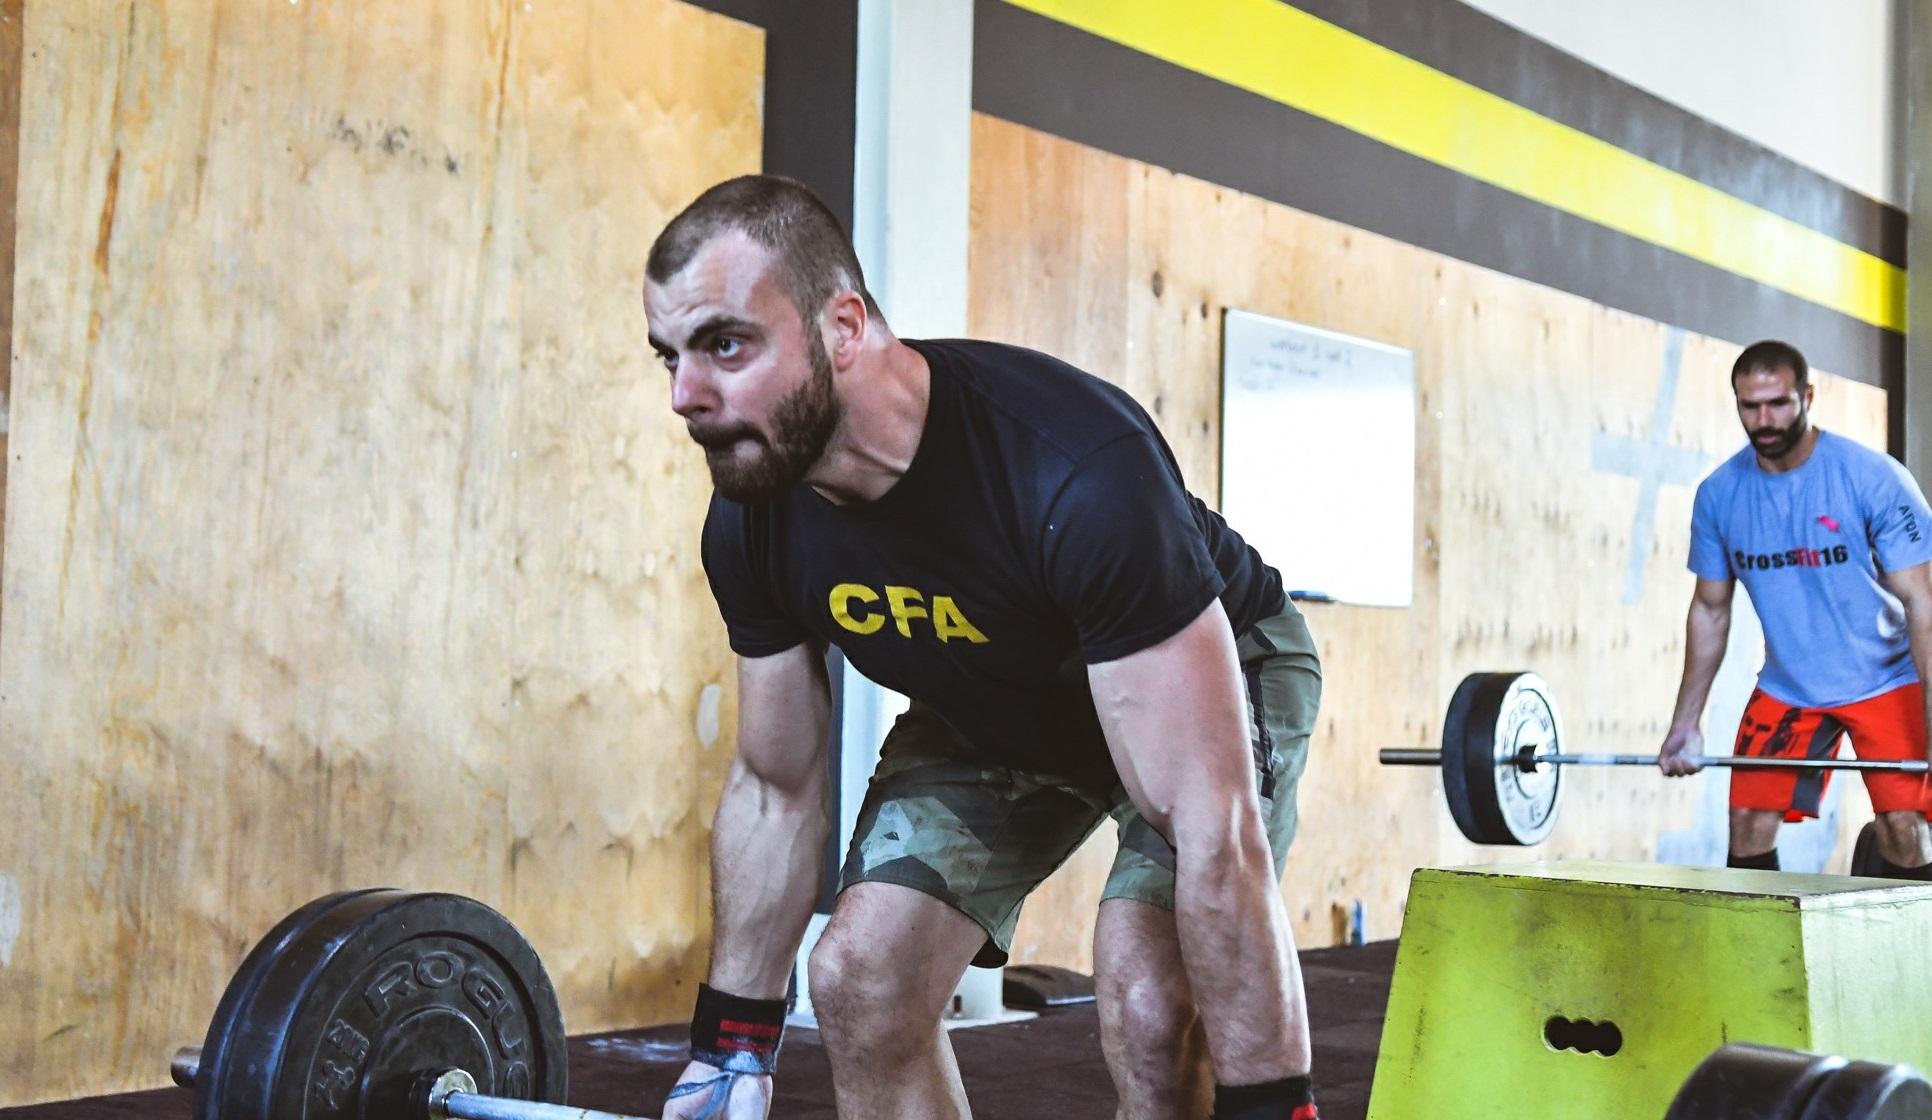 Ο Θανάσης Ζησιόπουλος εθελοντής στη μάχη κατά του Covid-19